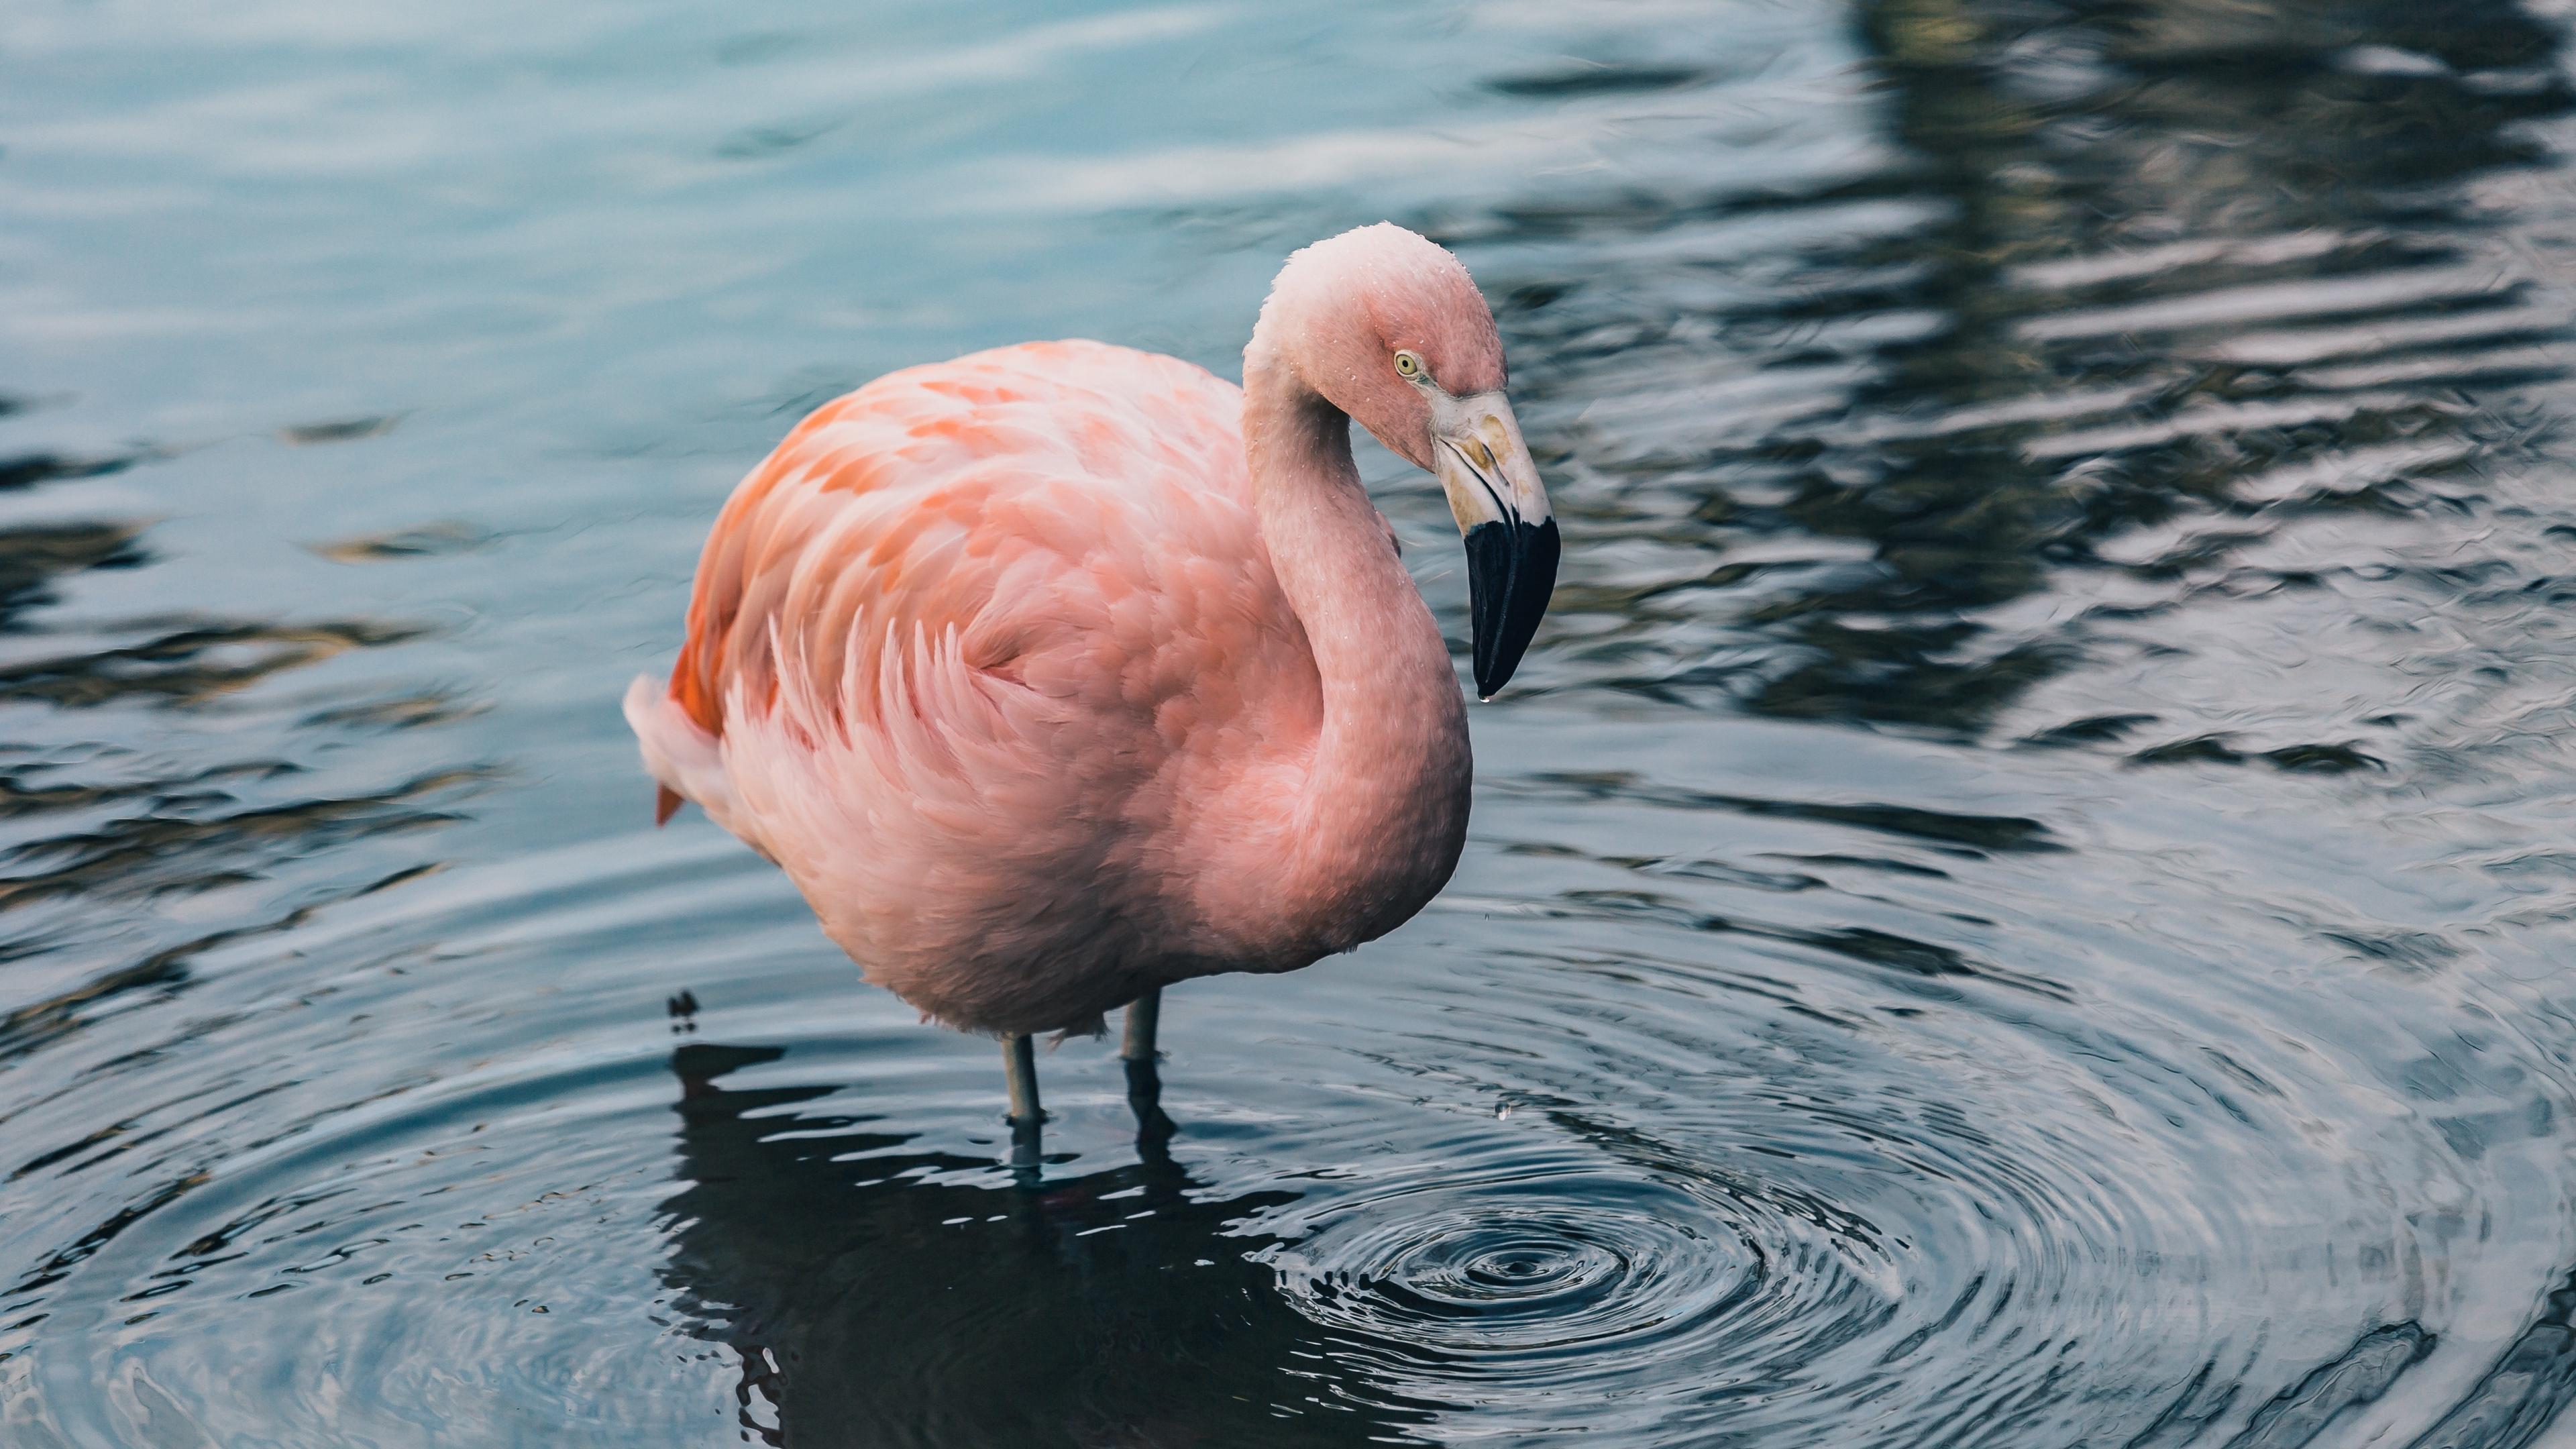 flamingo bird water 4k 1542241497 - flamingo, bird, water 4k - Water, flamingo, Bird